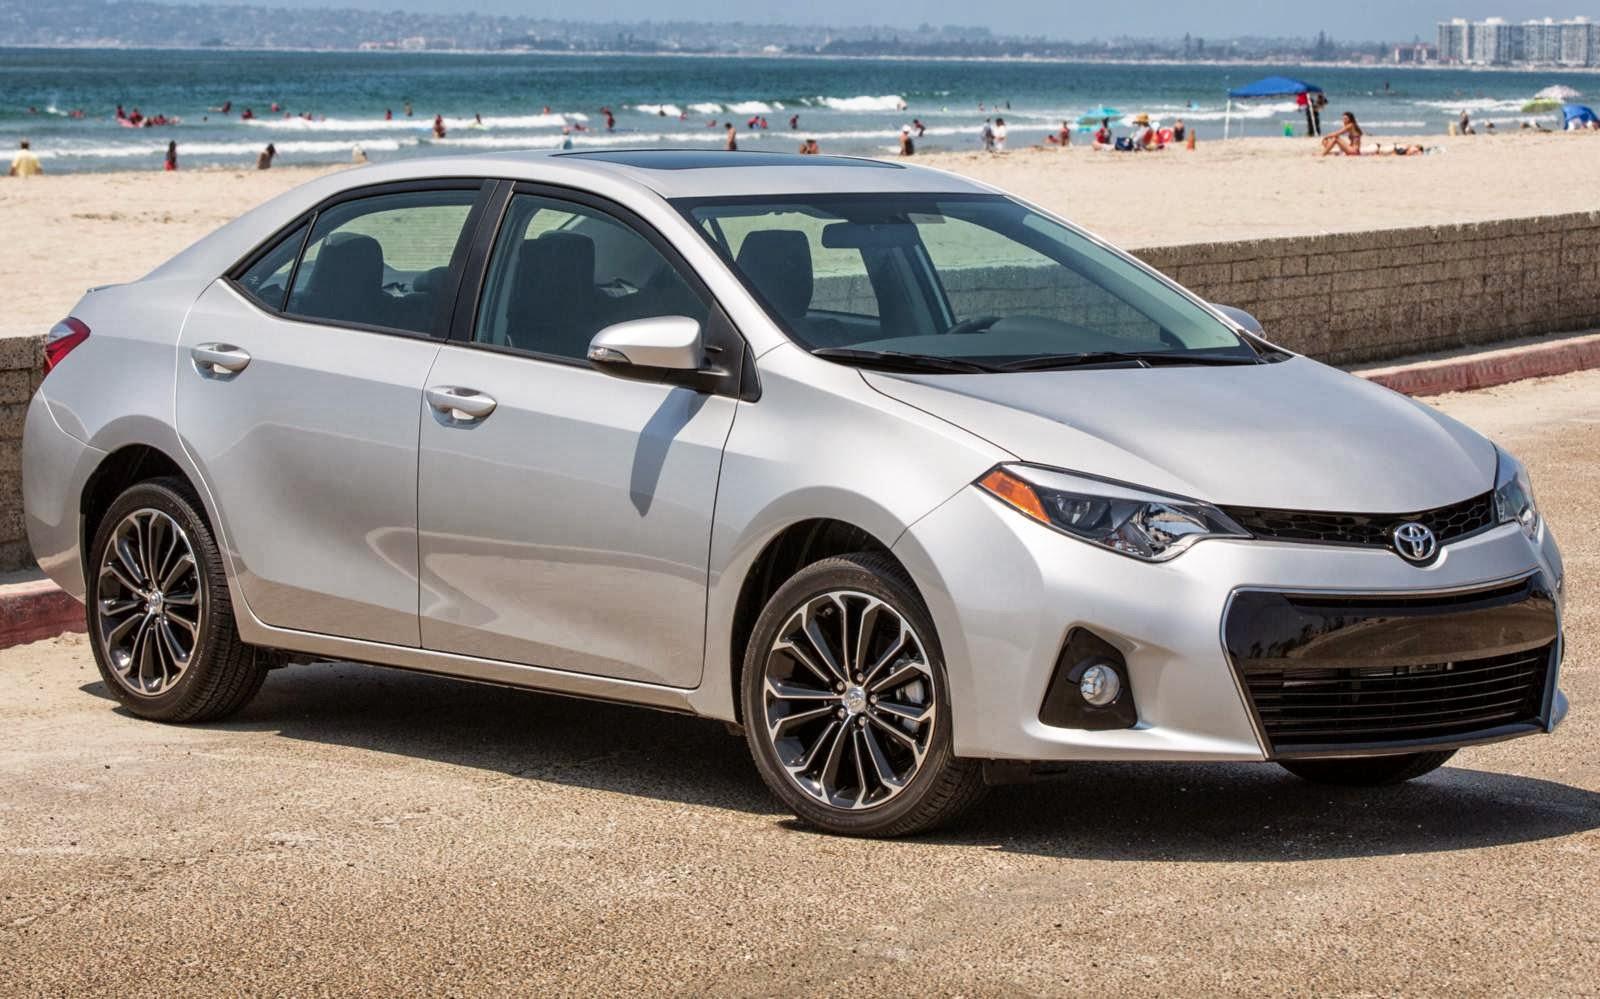 Toyota Corolla - carro mais vendido do mundo em 2013